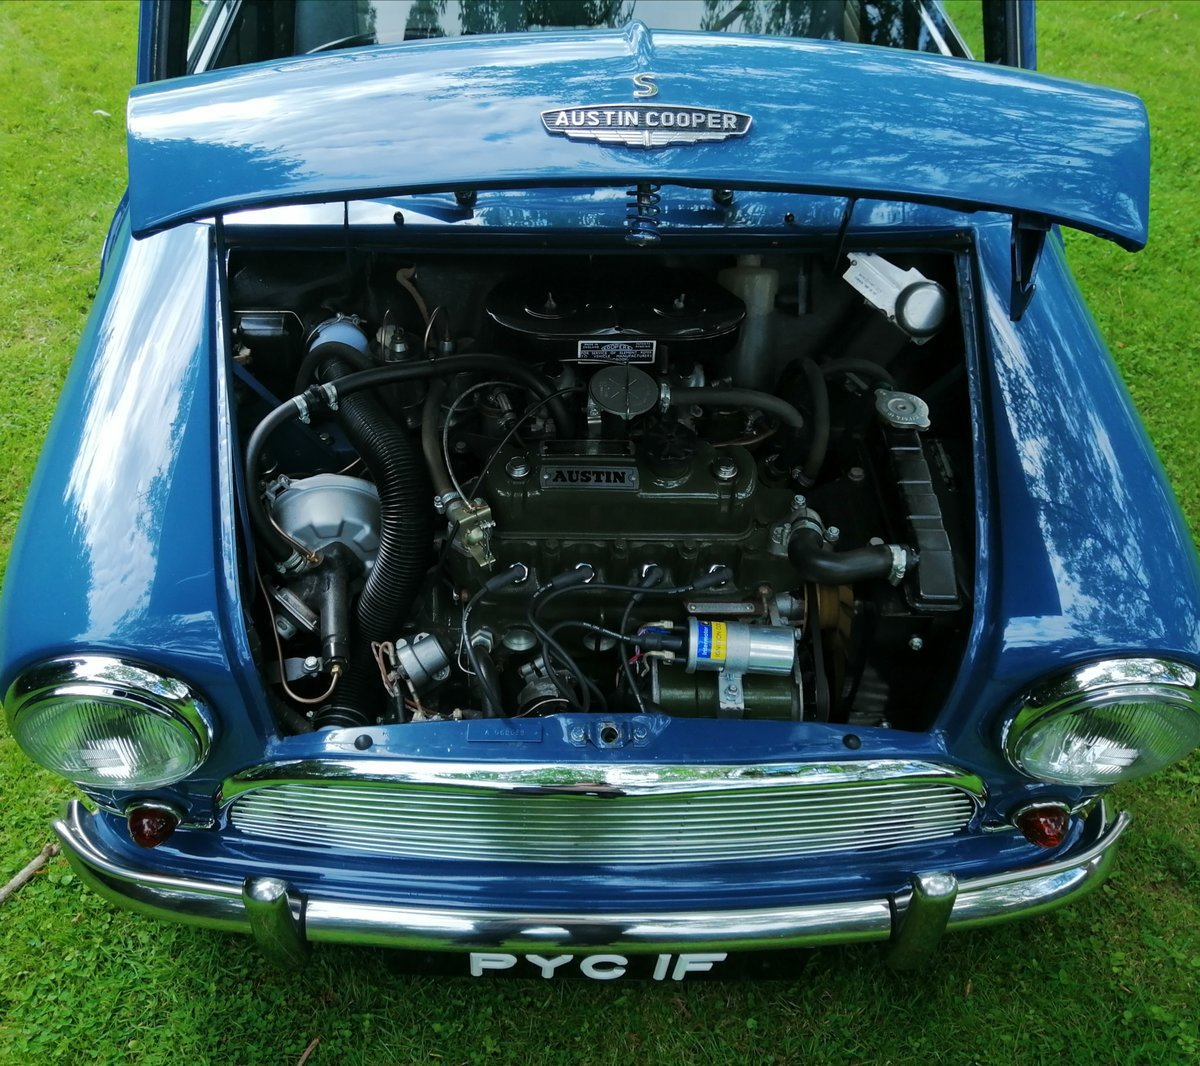 1967 Austin mini cooper s mk1 1275cc For Sale (picture 5 of 6)